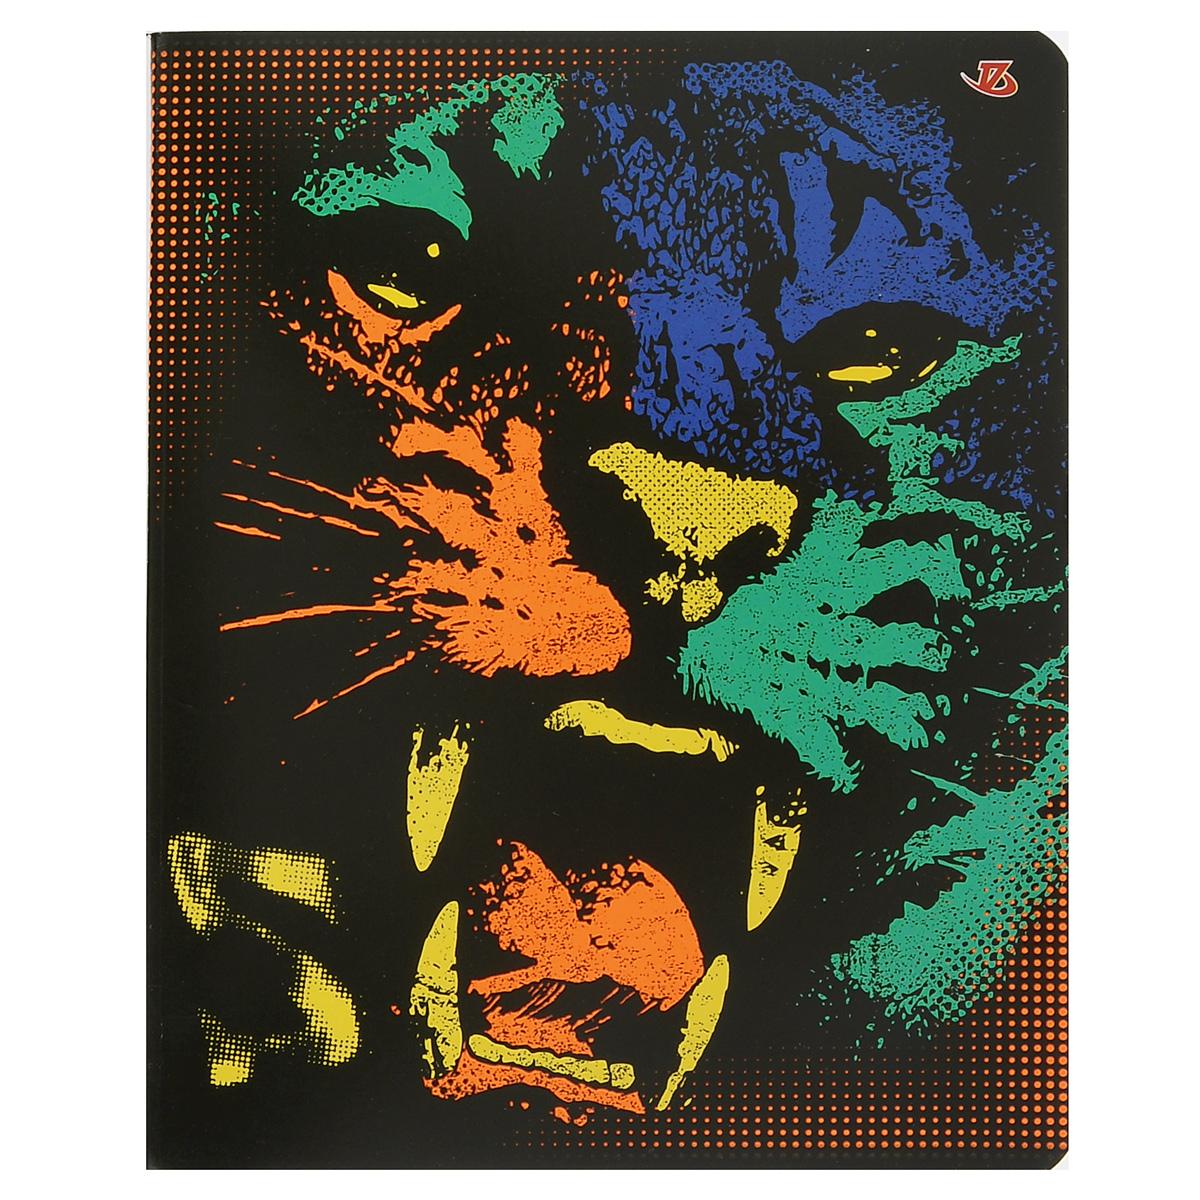 Тетрадь Тигр, цвет: черный, зеленый, оранжевый, 60 листов7227/5_Тигр(с дополнительным листом)FC-COC-643086Тетрадь Тигр прекрасно подойдет как студенту, так и школьнику.Обложка тетради с ярким изображением выполнена из мелованного картона с закругленными углами.Внутренний блок тетради состоит из 60 листов высококачественной бумаги повышенной белизны. Стандартная линовка в клетку дополнена полями. Первая страничка содержит поля для заполнения личных данных.